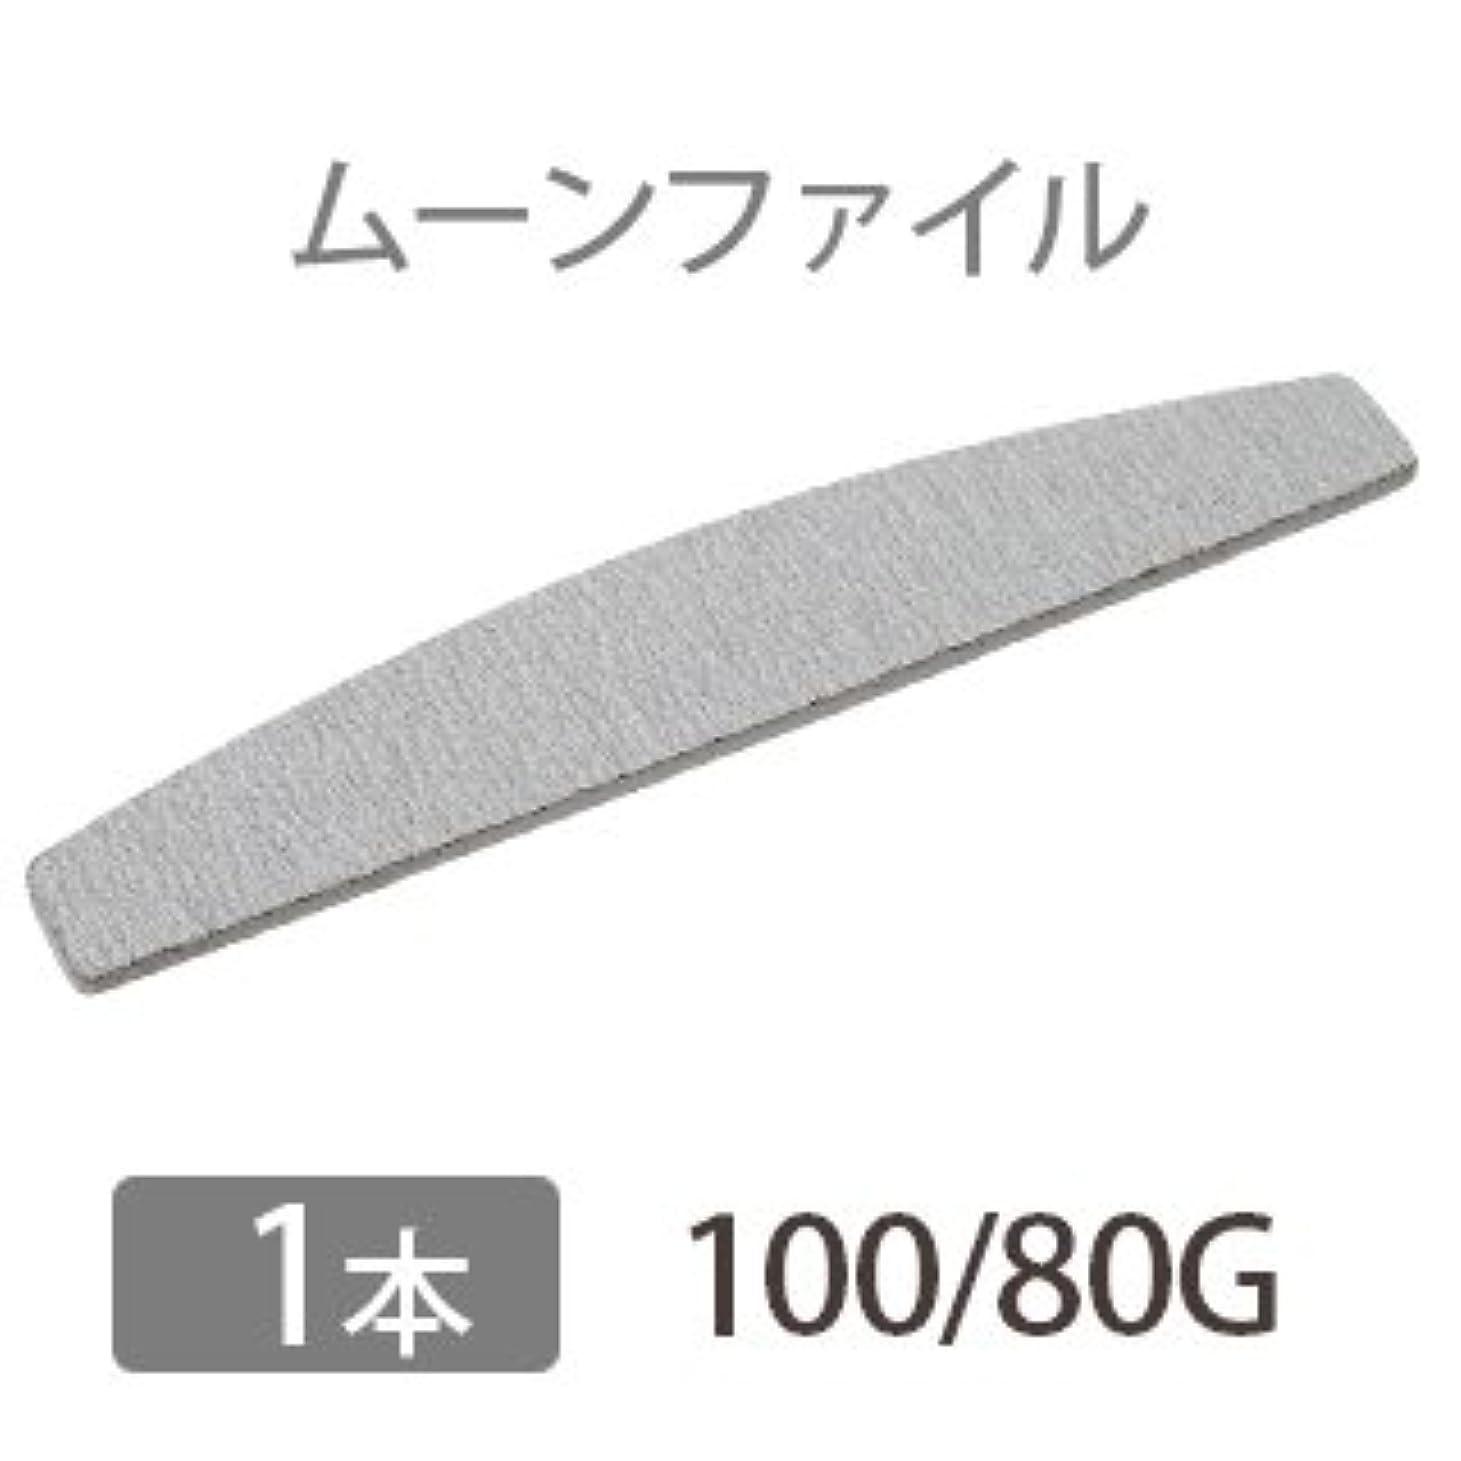 駅名誉データムムーンファイル 100/80 【ネイル オフ ケア用品】